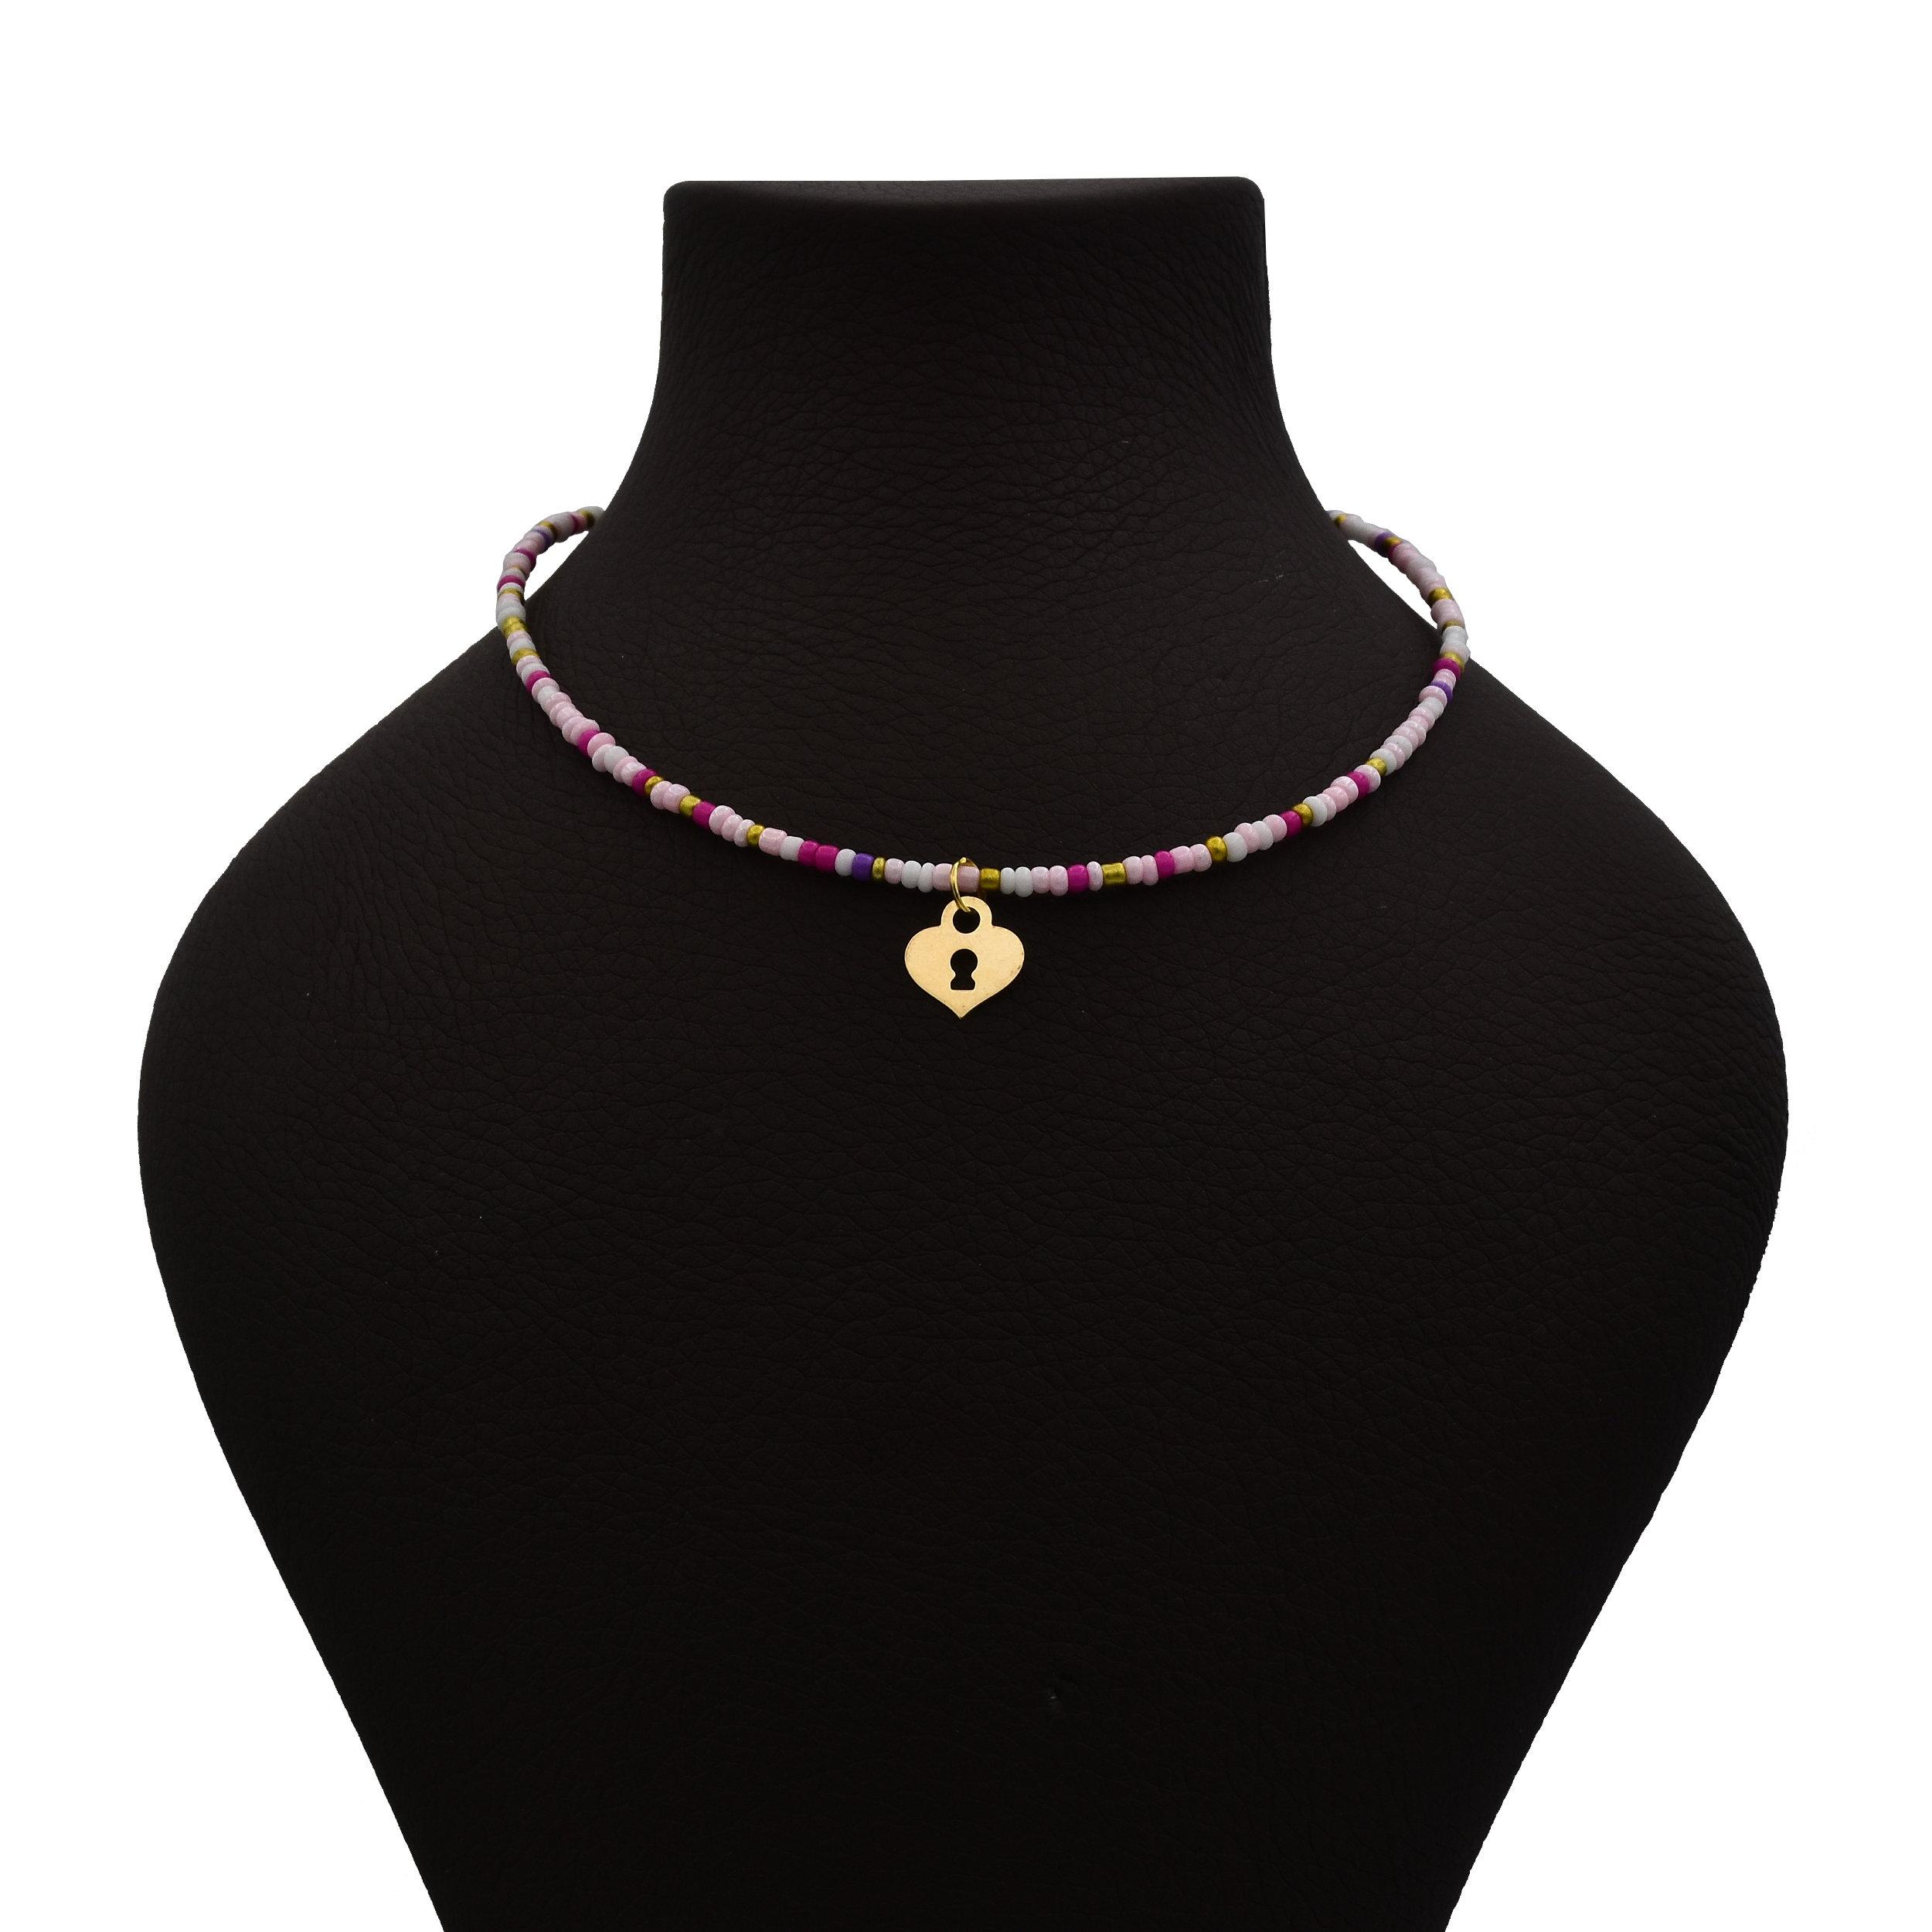 خرید                                      گردنبند نقره زنانه کد 529s2